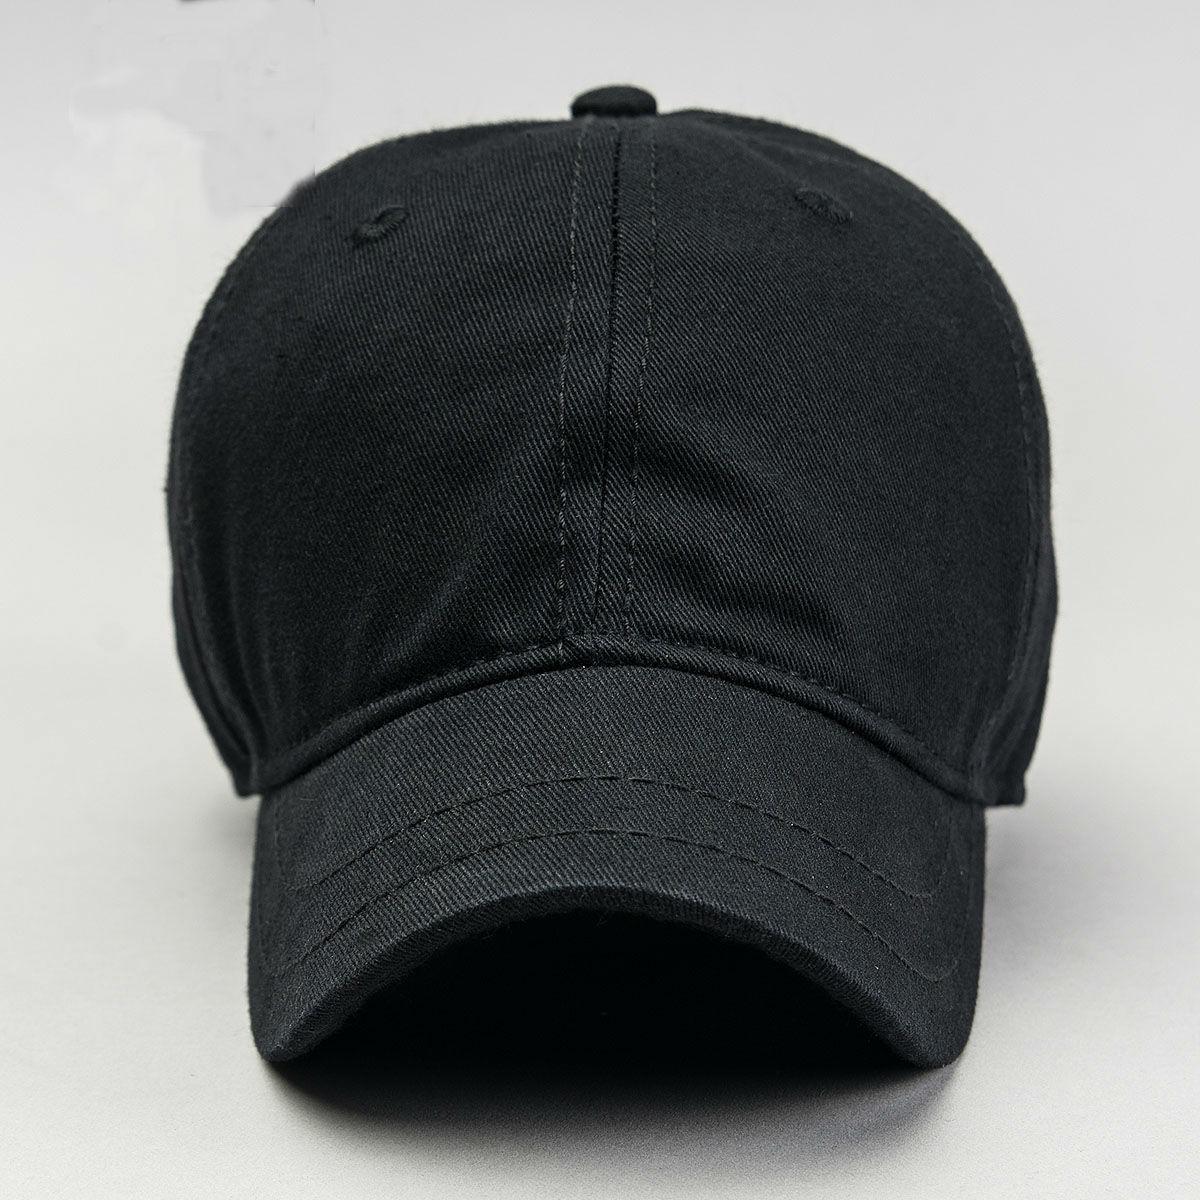 Beckyruiwu 2018 Top Qualität Großen Kopf Mann Hut Männlichen - Bekleidungszubehör - Foto 2